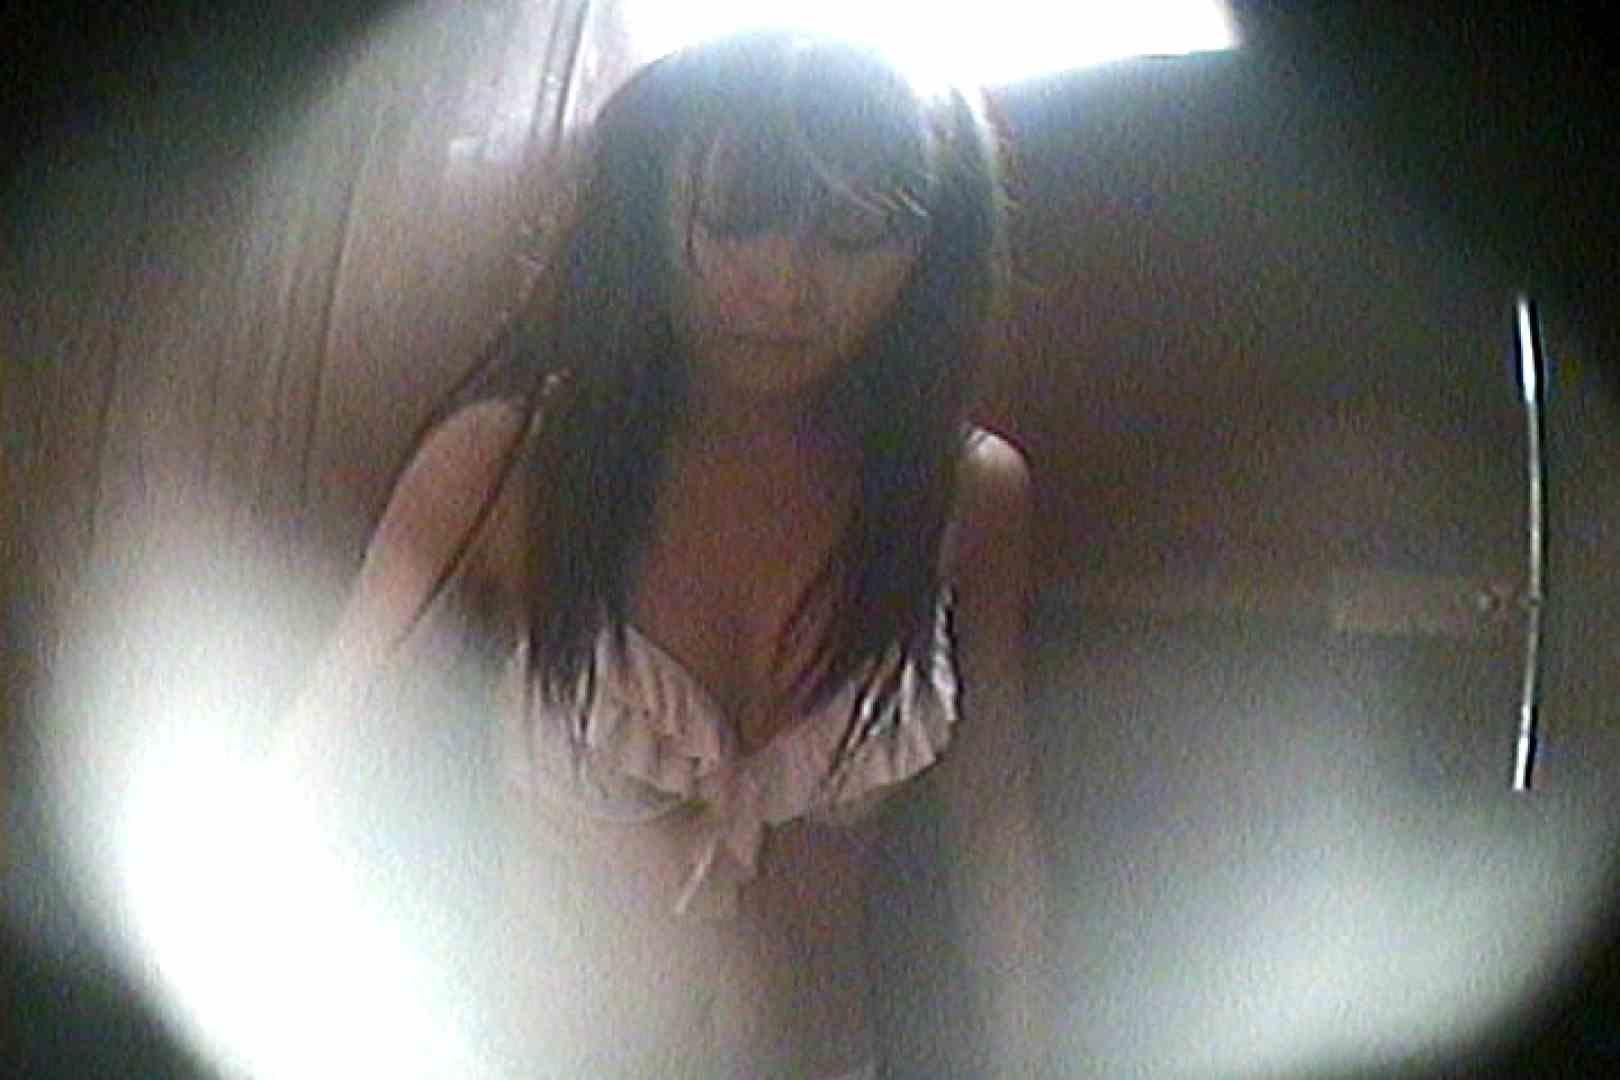 海の家の更衣室 Vol.61 美女 盗撮オマンコ無修正動画無料 62pic 2